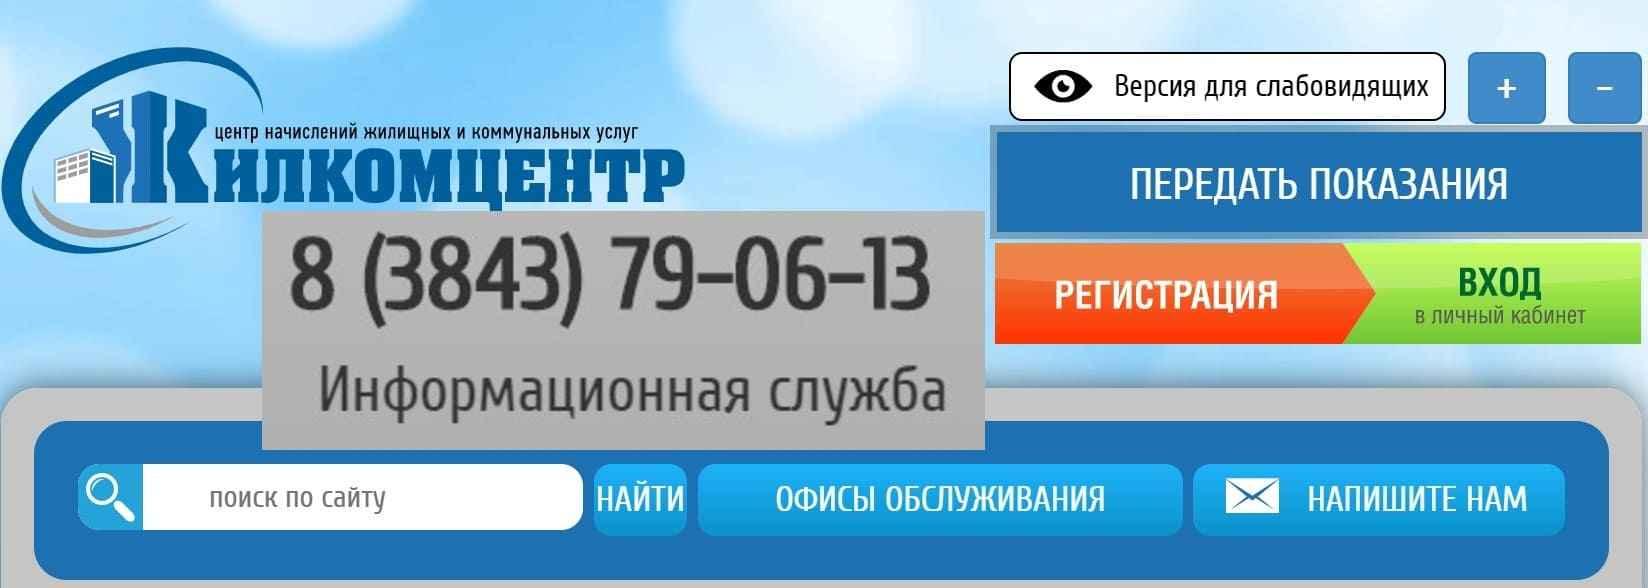 Жилкомцентр Новокузнецк сайт